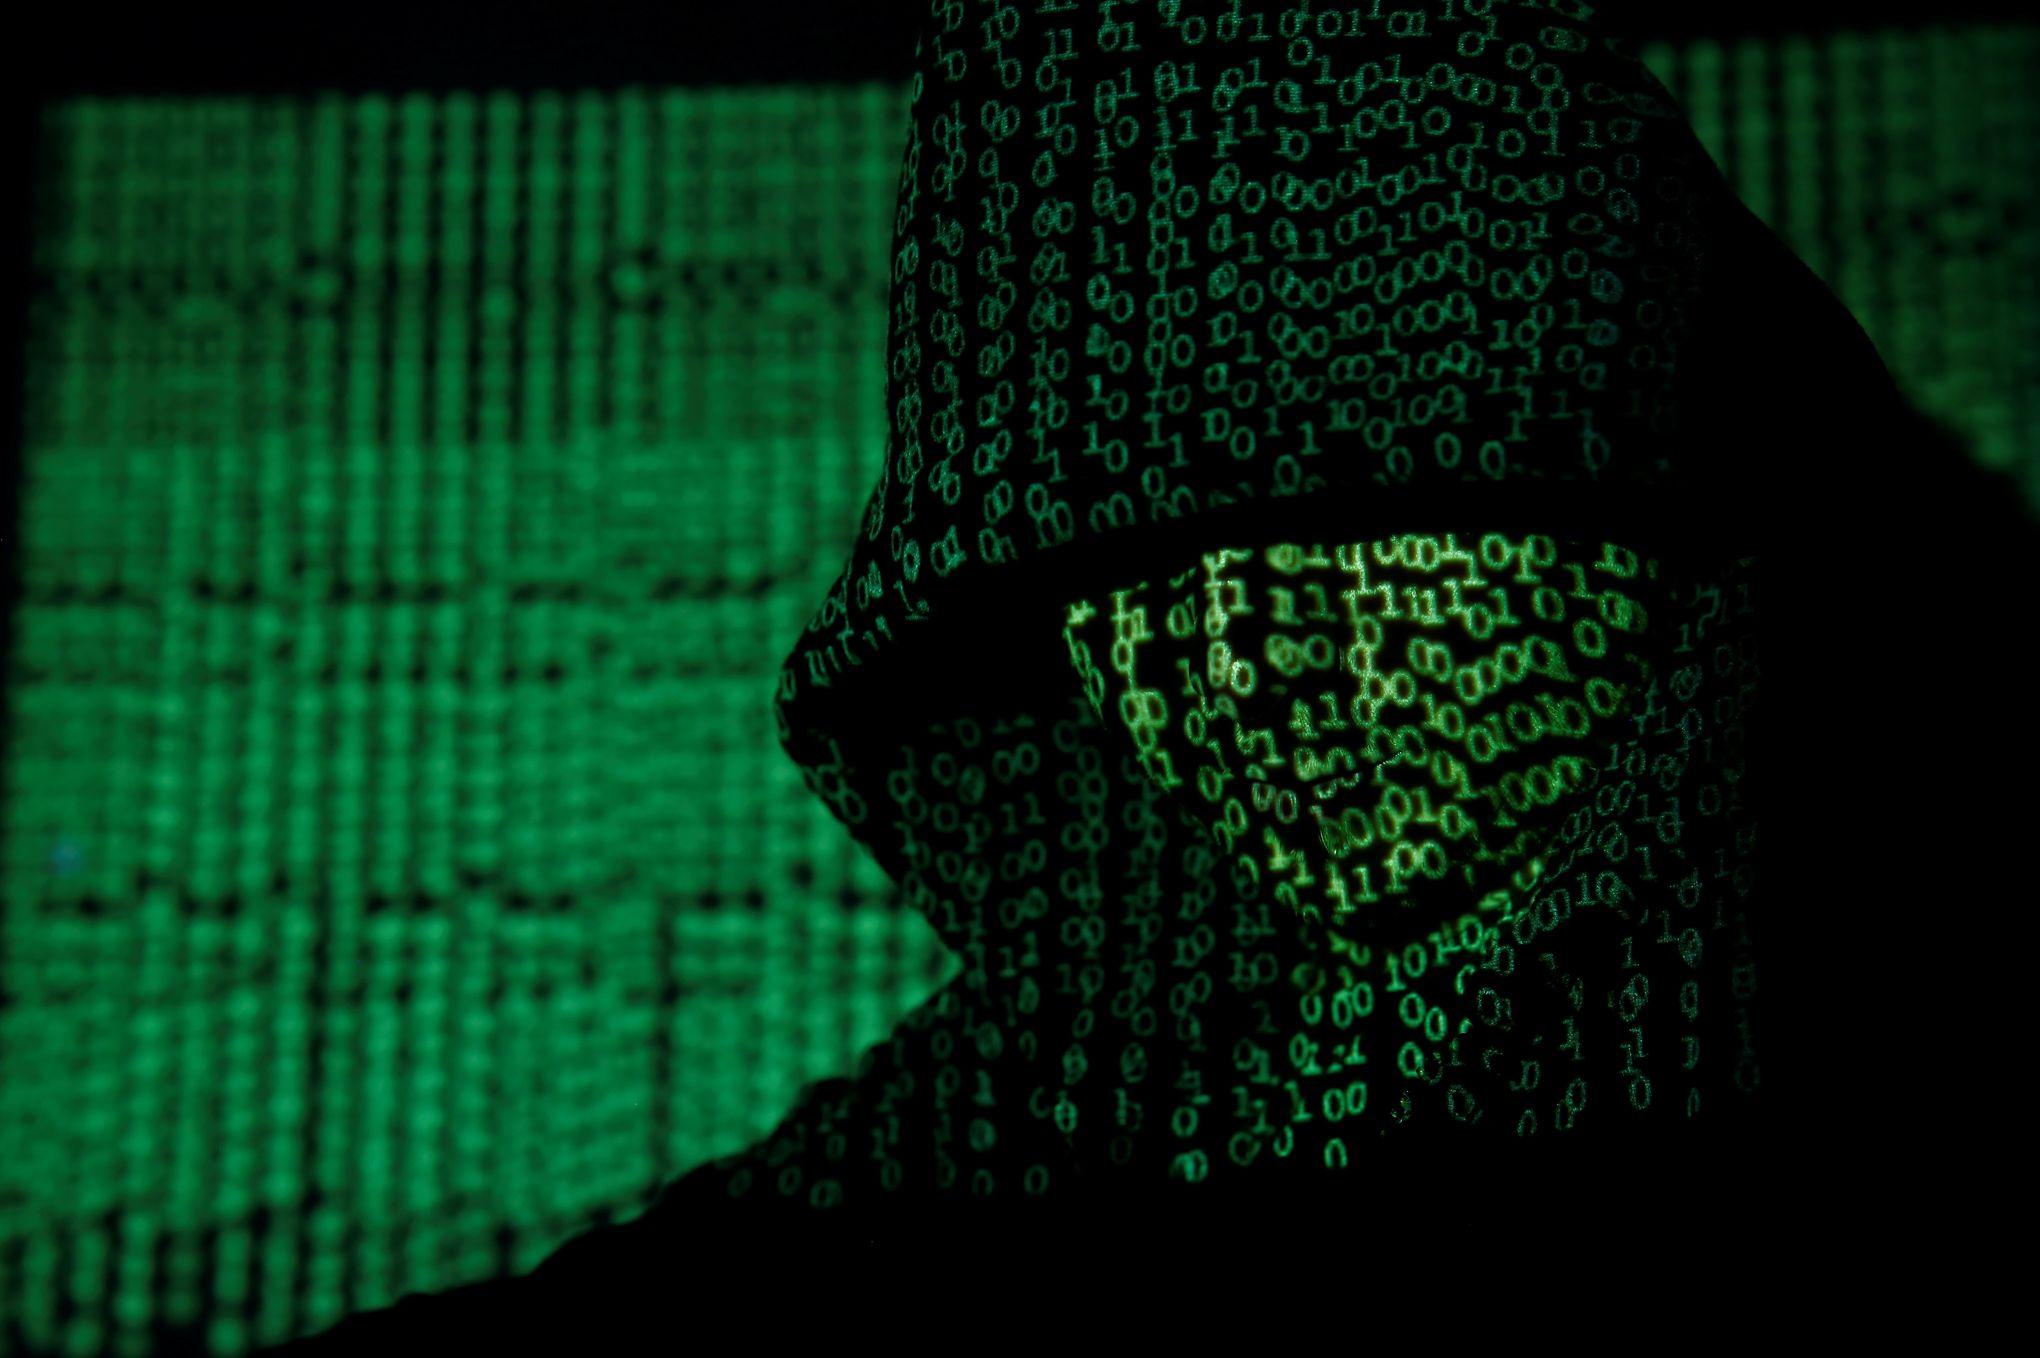 chiffre piratage informatique 2017